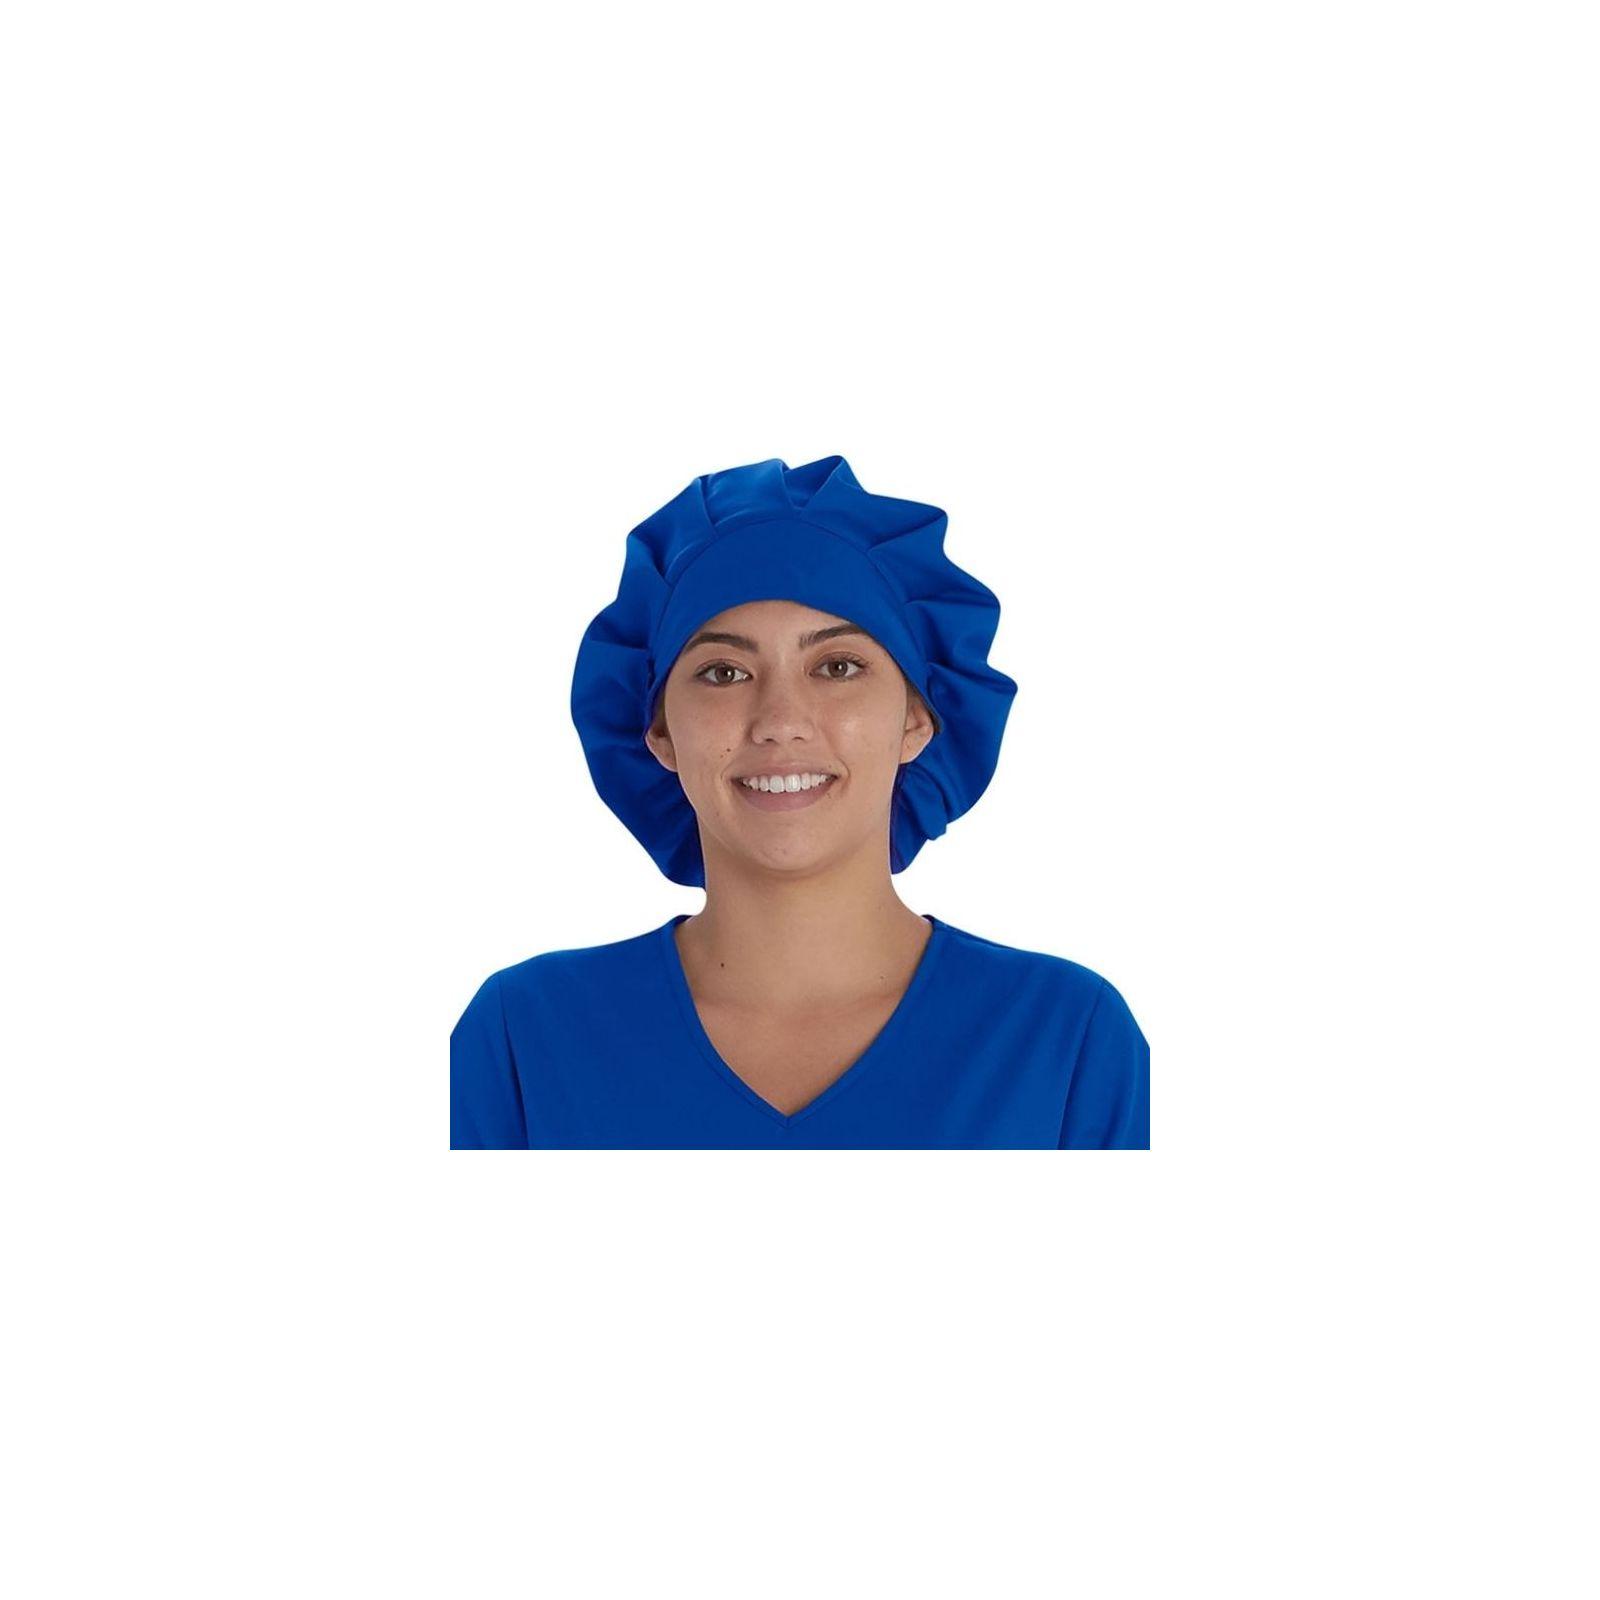 Calot médical Cheveux Longs Bleu royal (VT521ROY) vue face